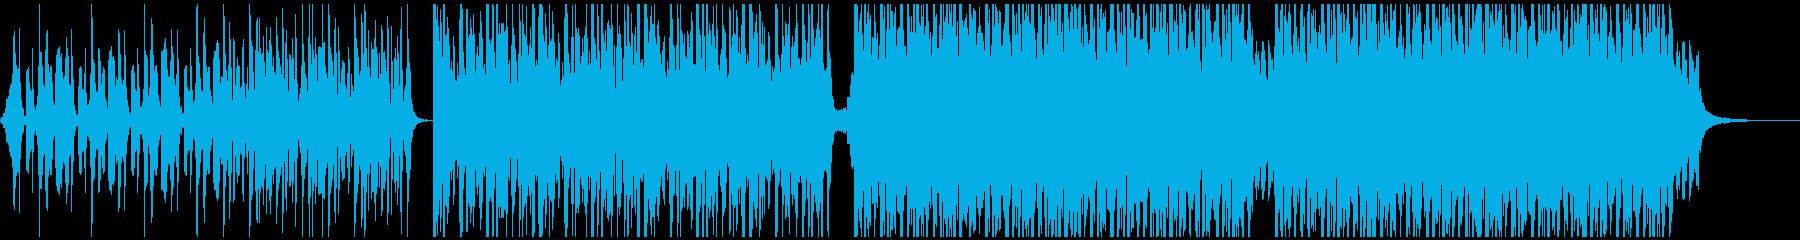 企業イメージ ワイルド 打楽器 ド...の再生済みの波形